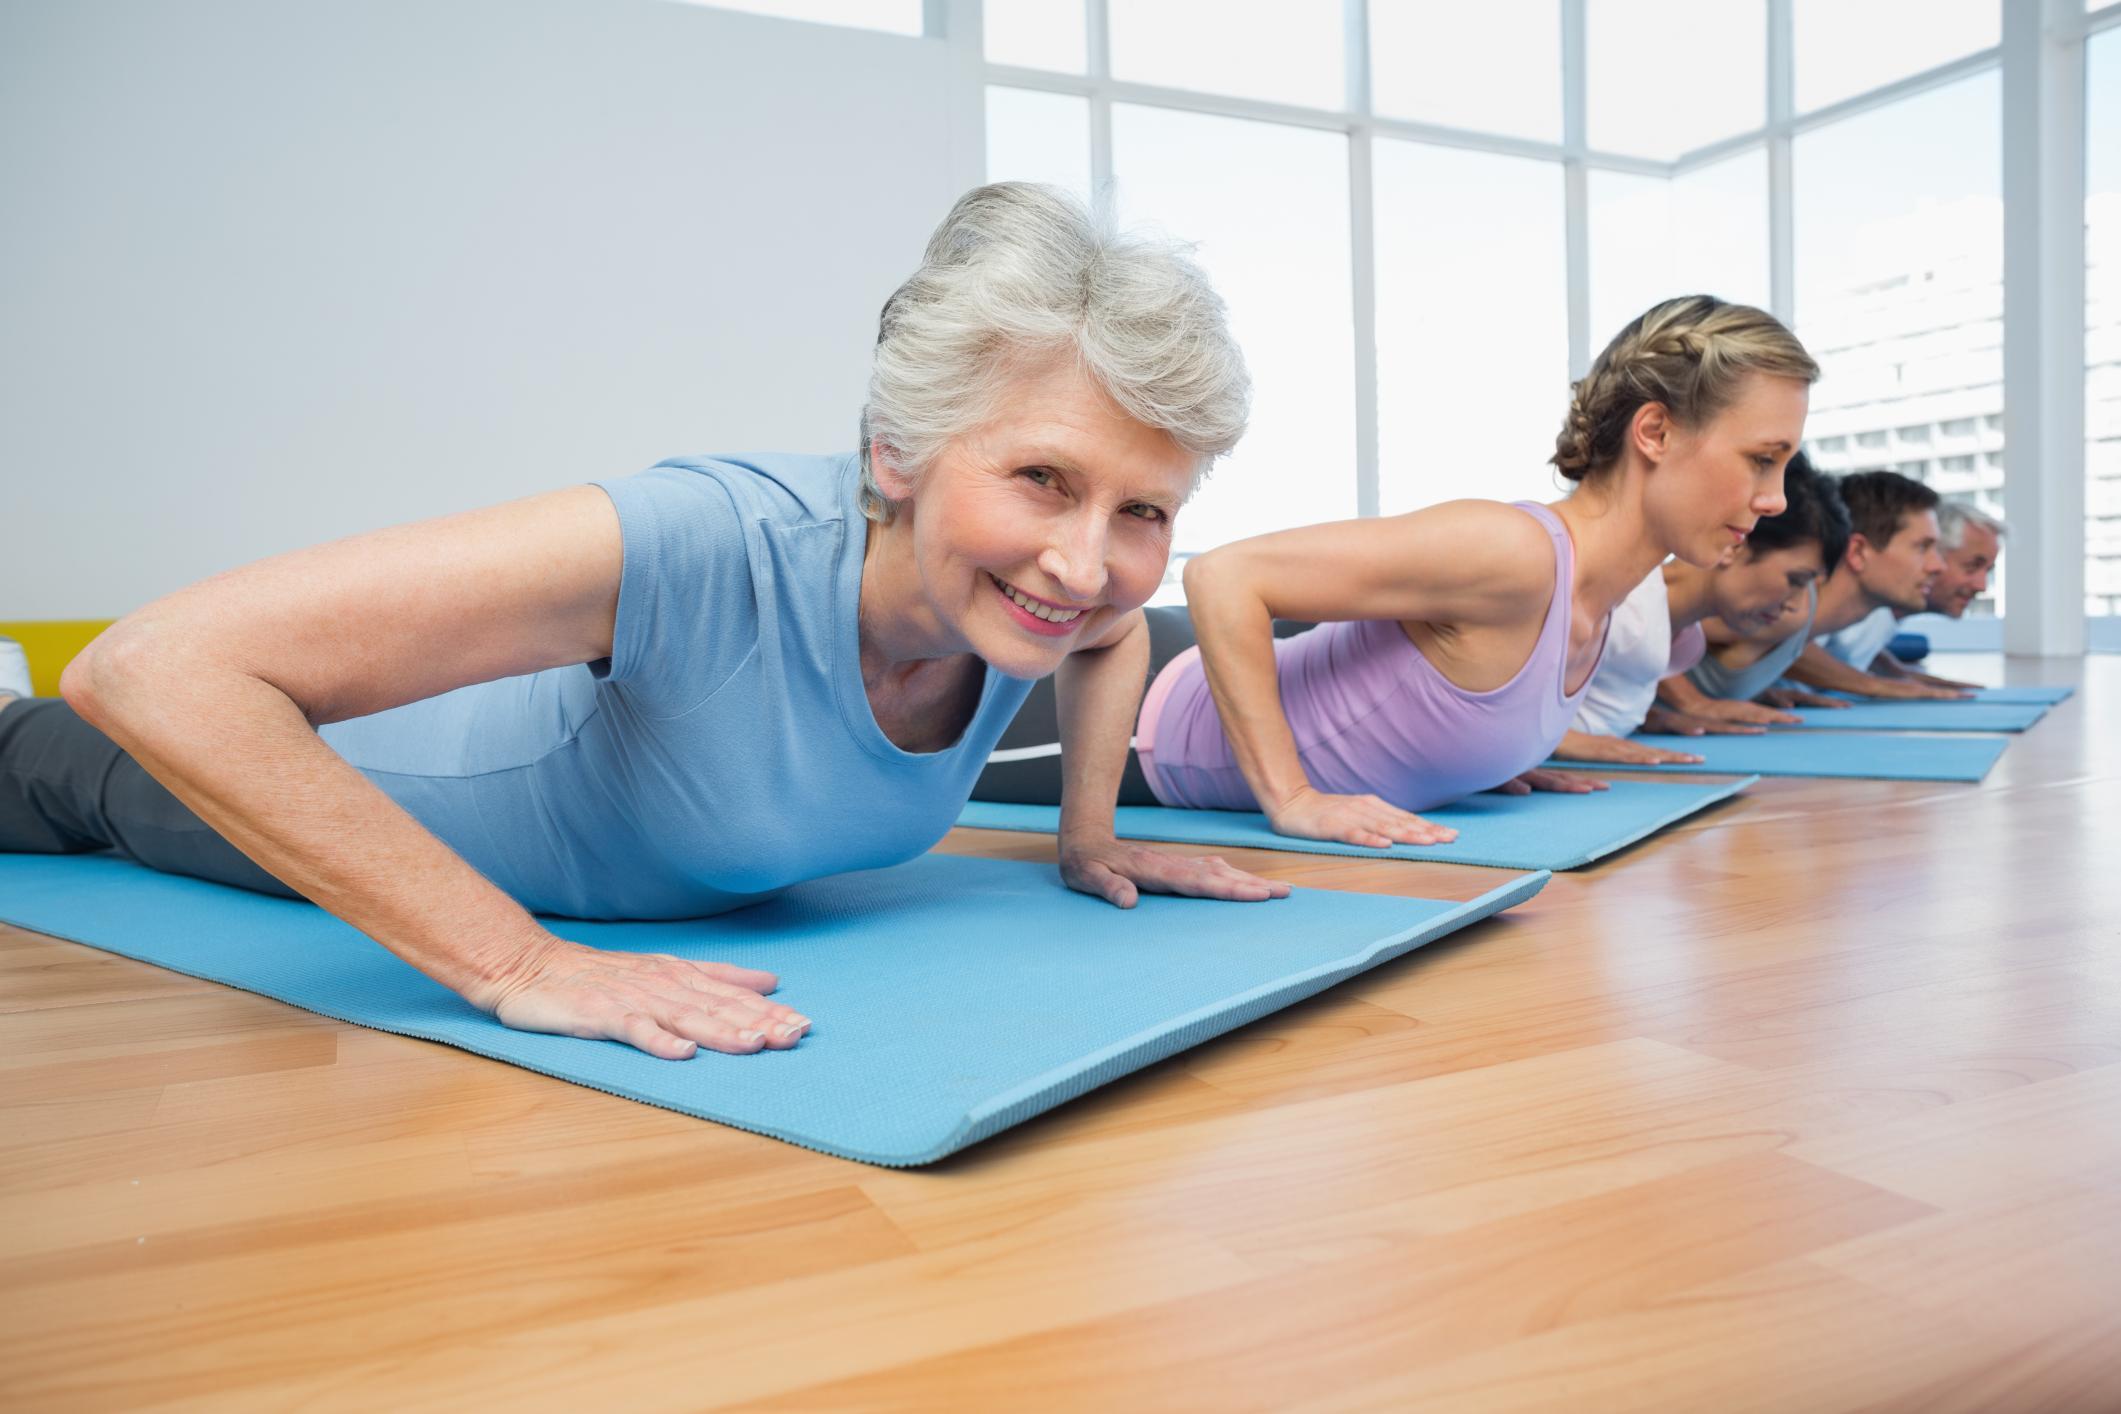 Yoga Poses for Better Bone Health